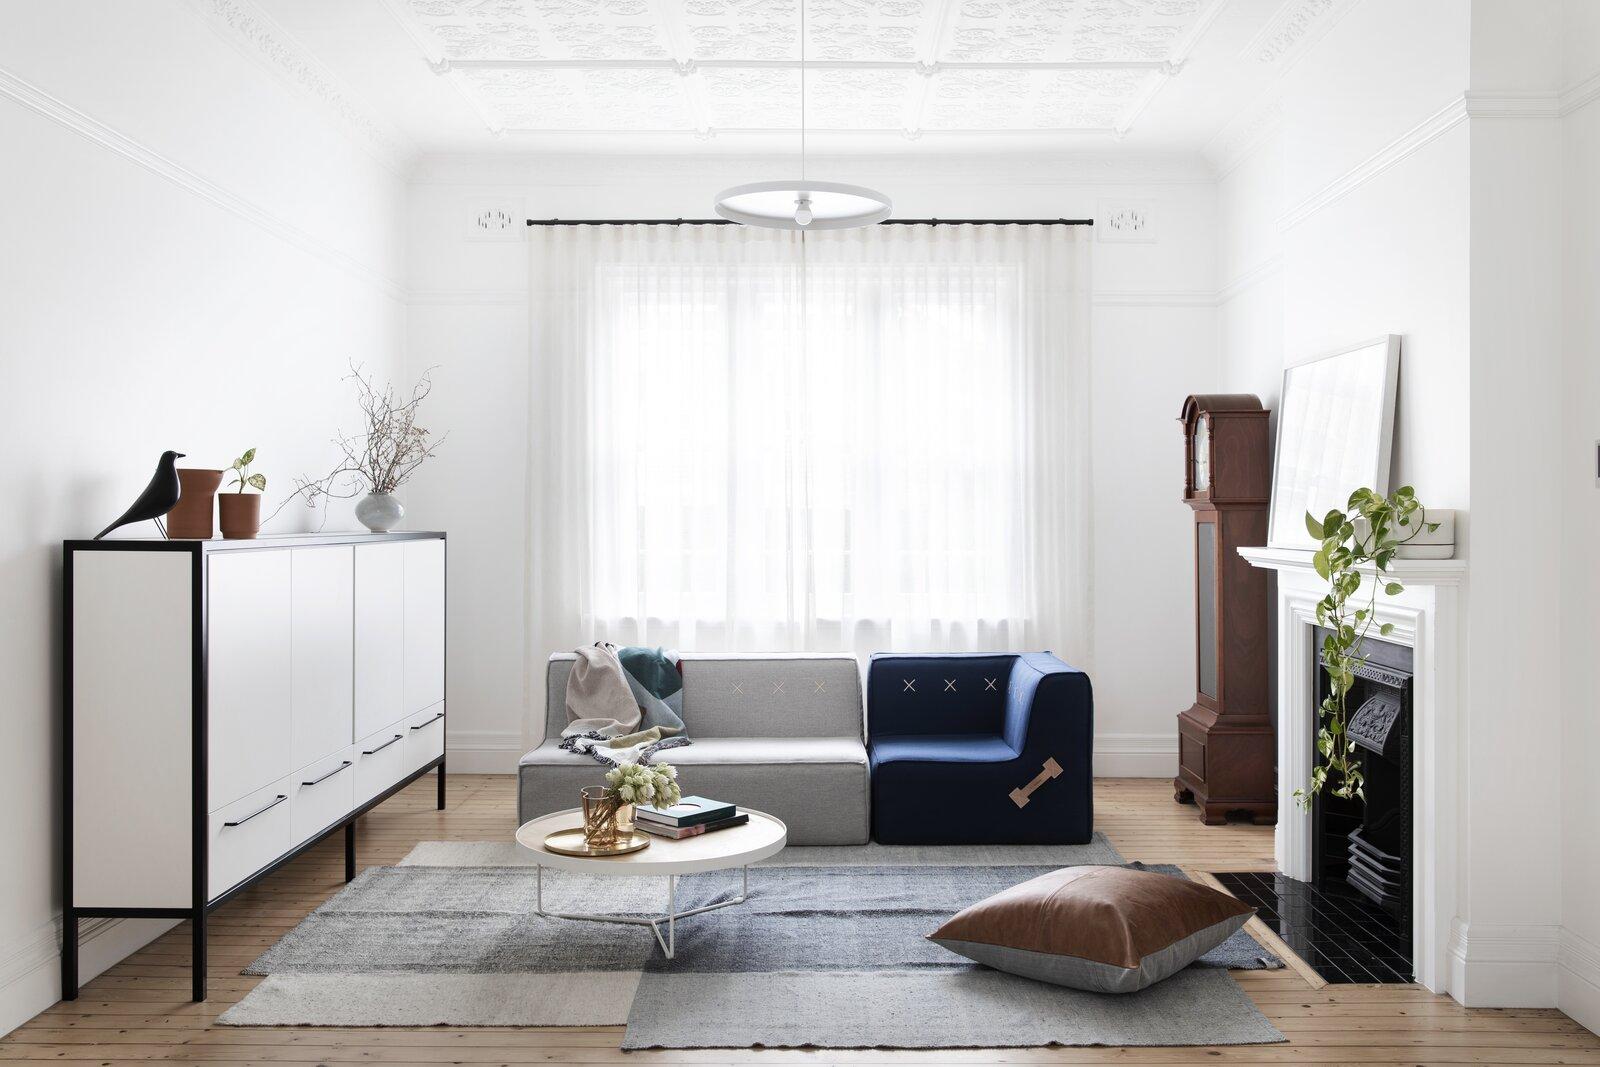 Cnr Virginia by Studio Prineas living room